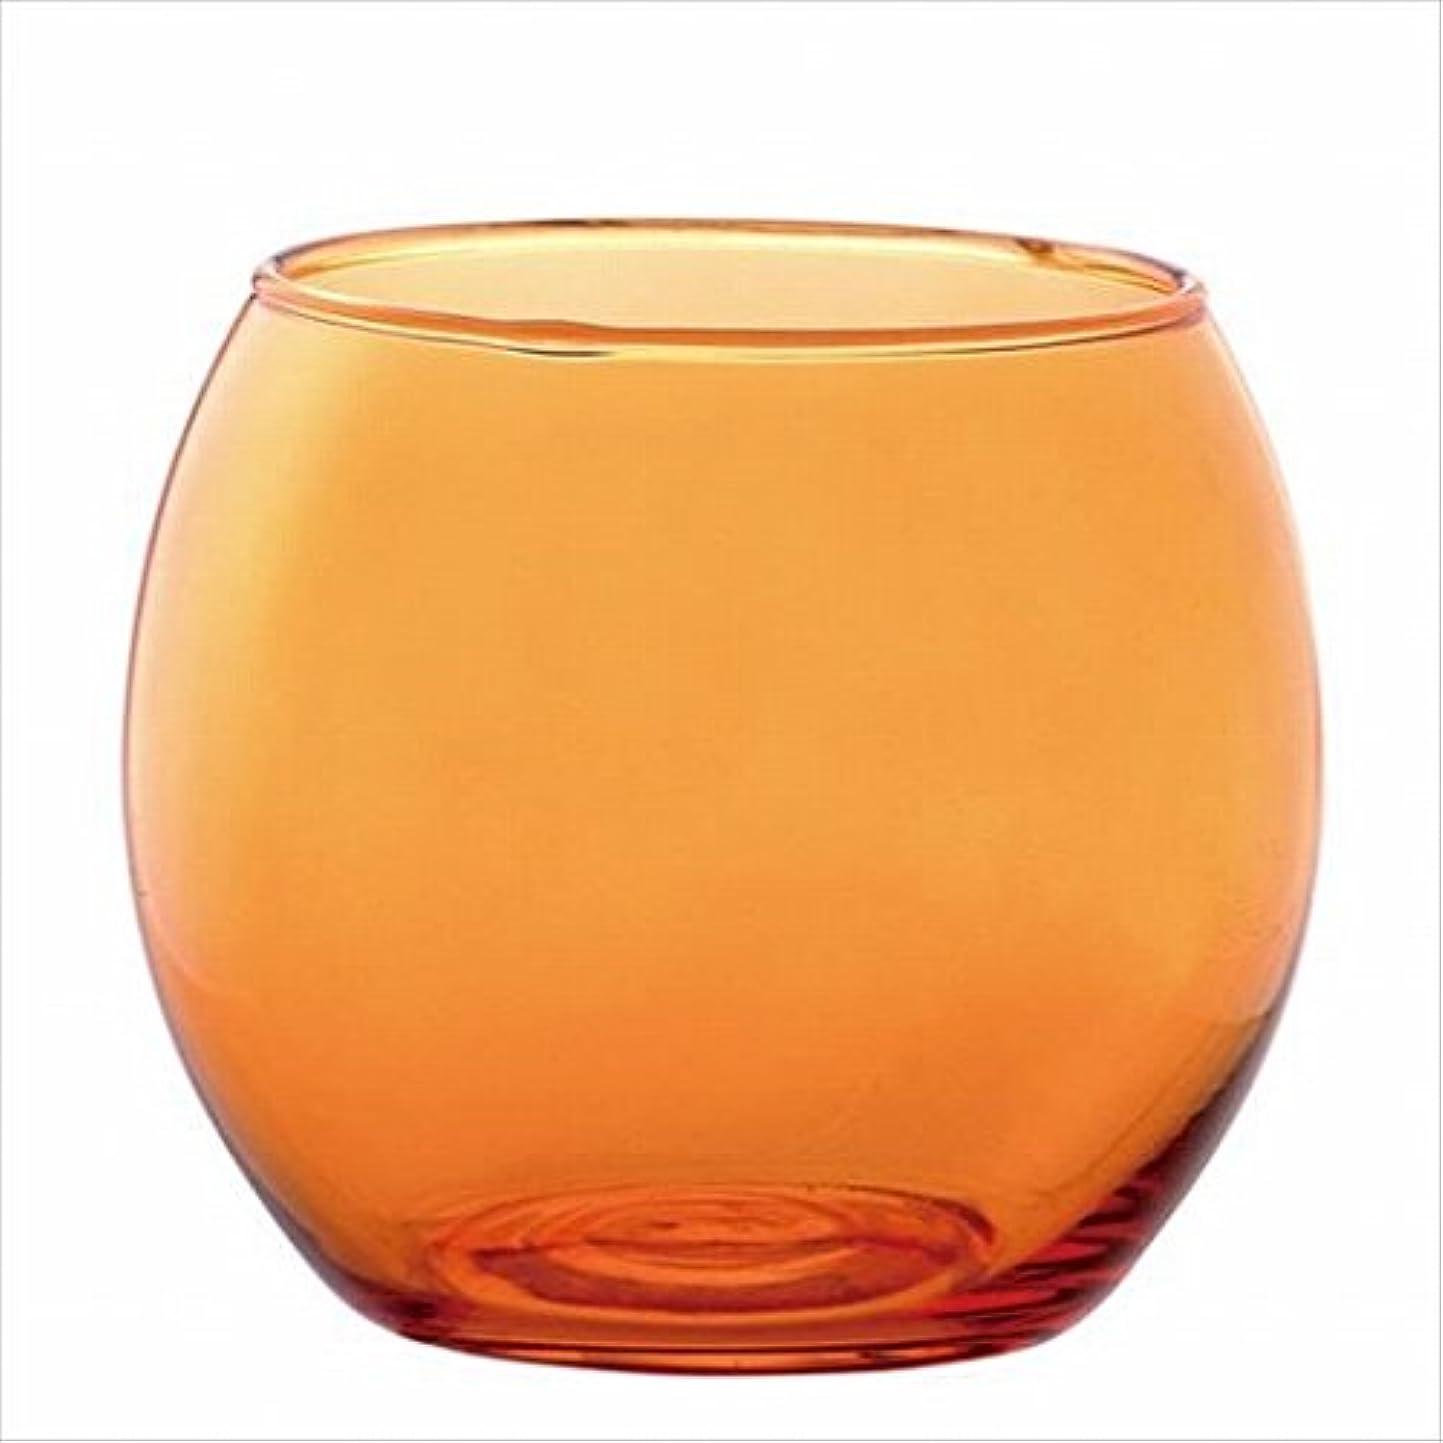 熱狂的な直面する贈り物カメヤマキャンドル( kameyama candle ) スフィアキャンドルホルダー 「 オレンジ 」